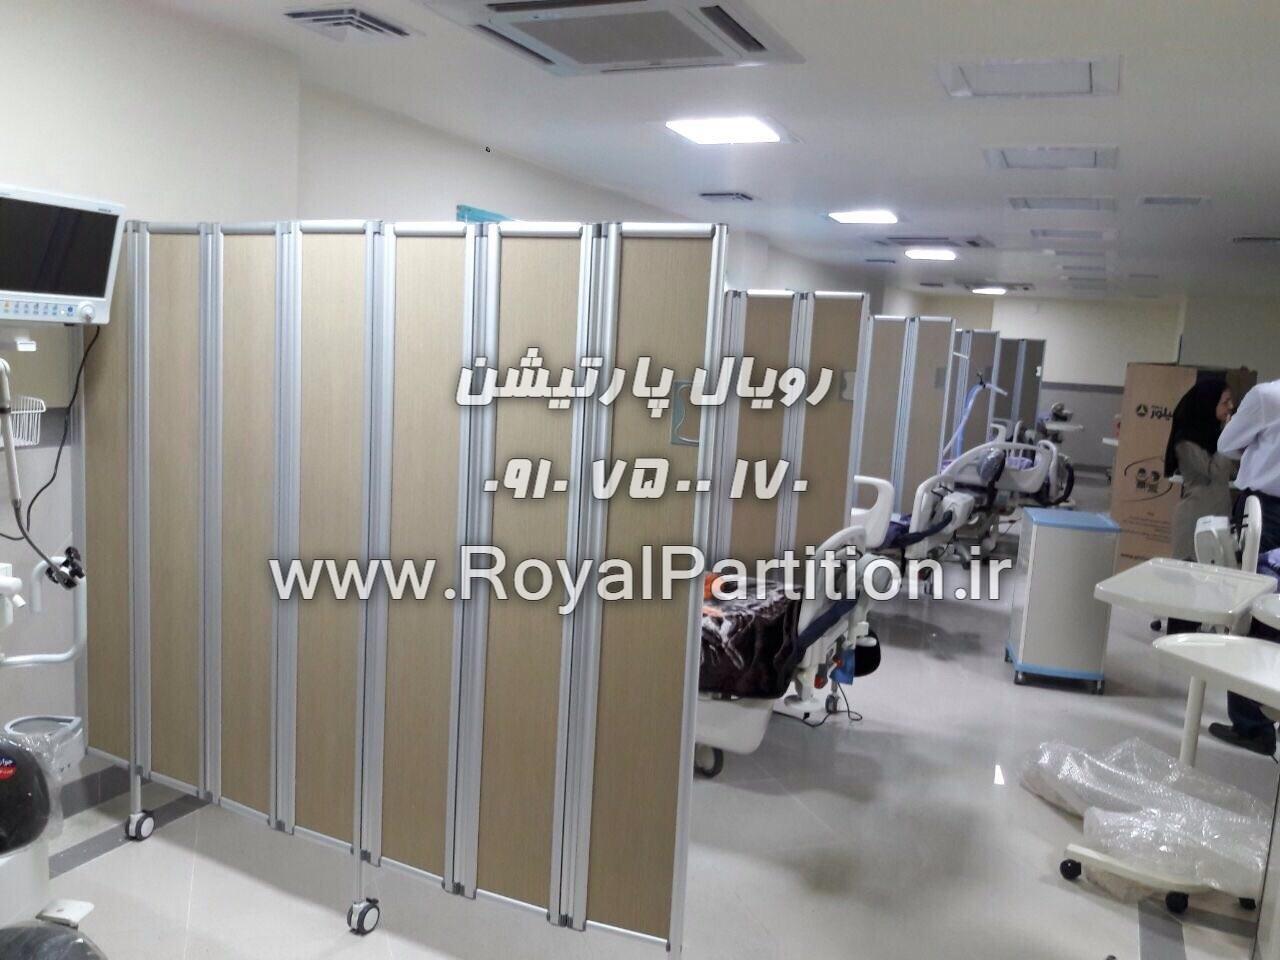 پارتیشن بیمارستانی، پاروان طبی، پاراوان پزشکی